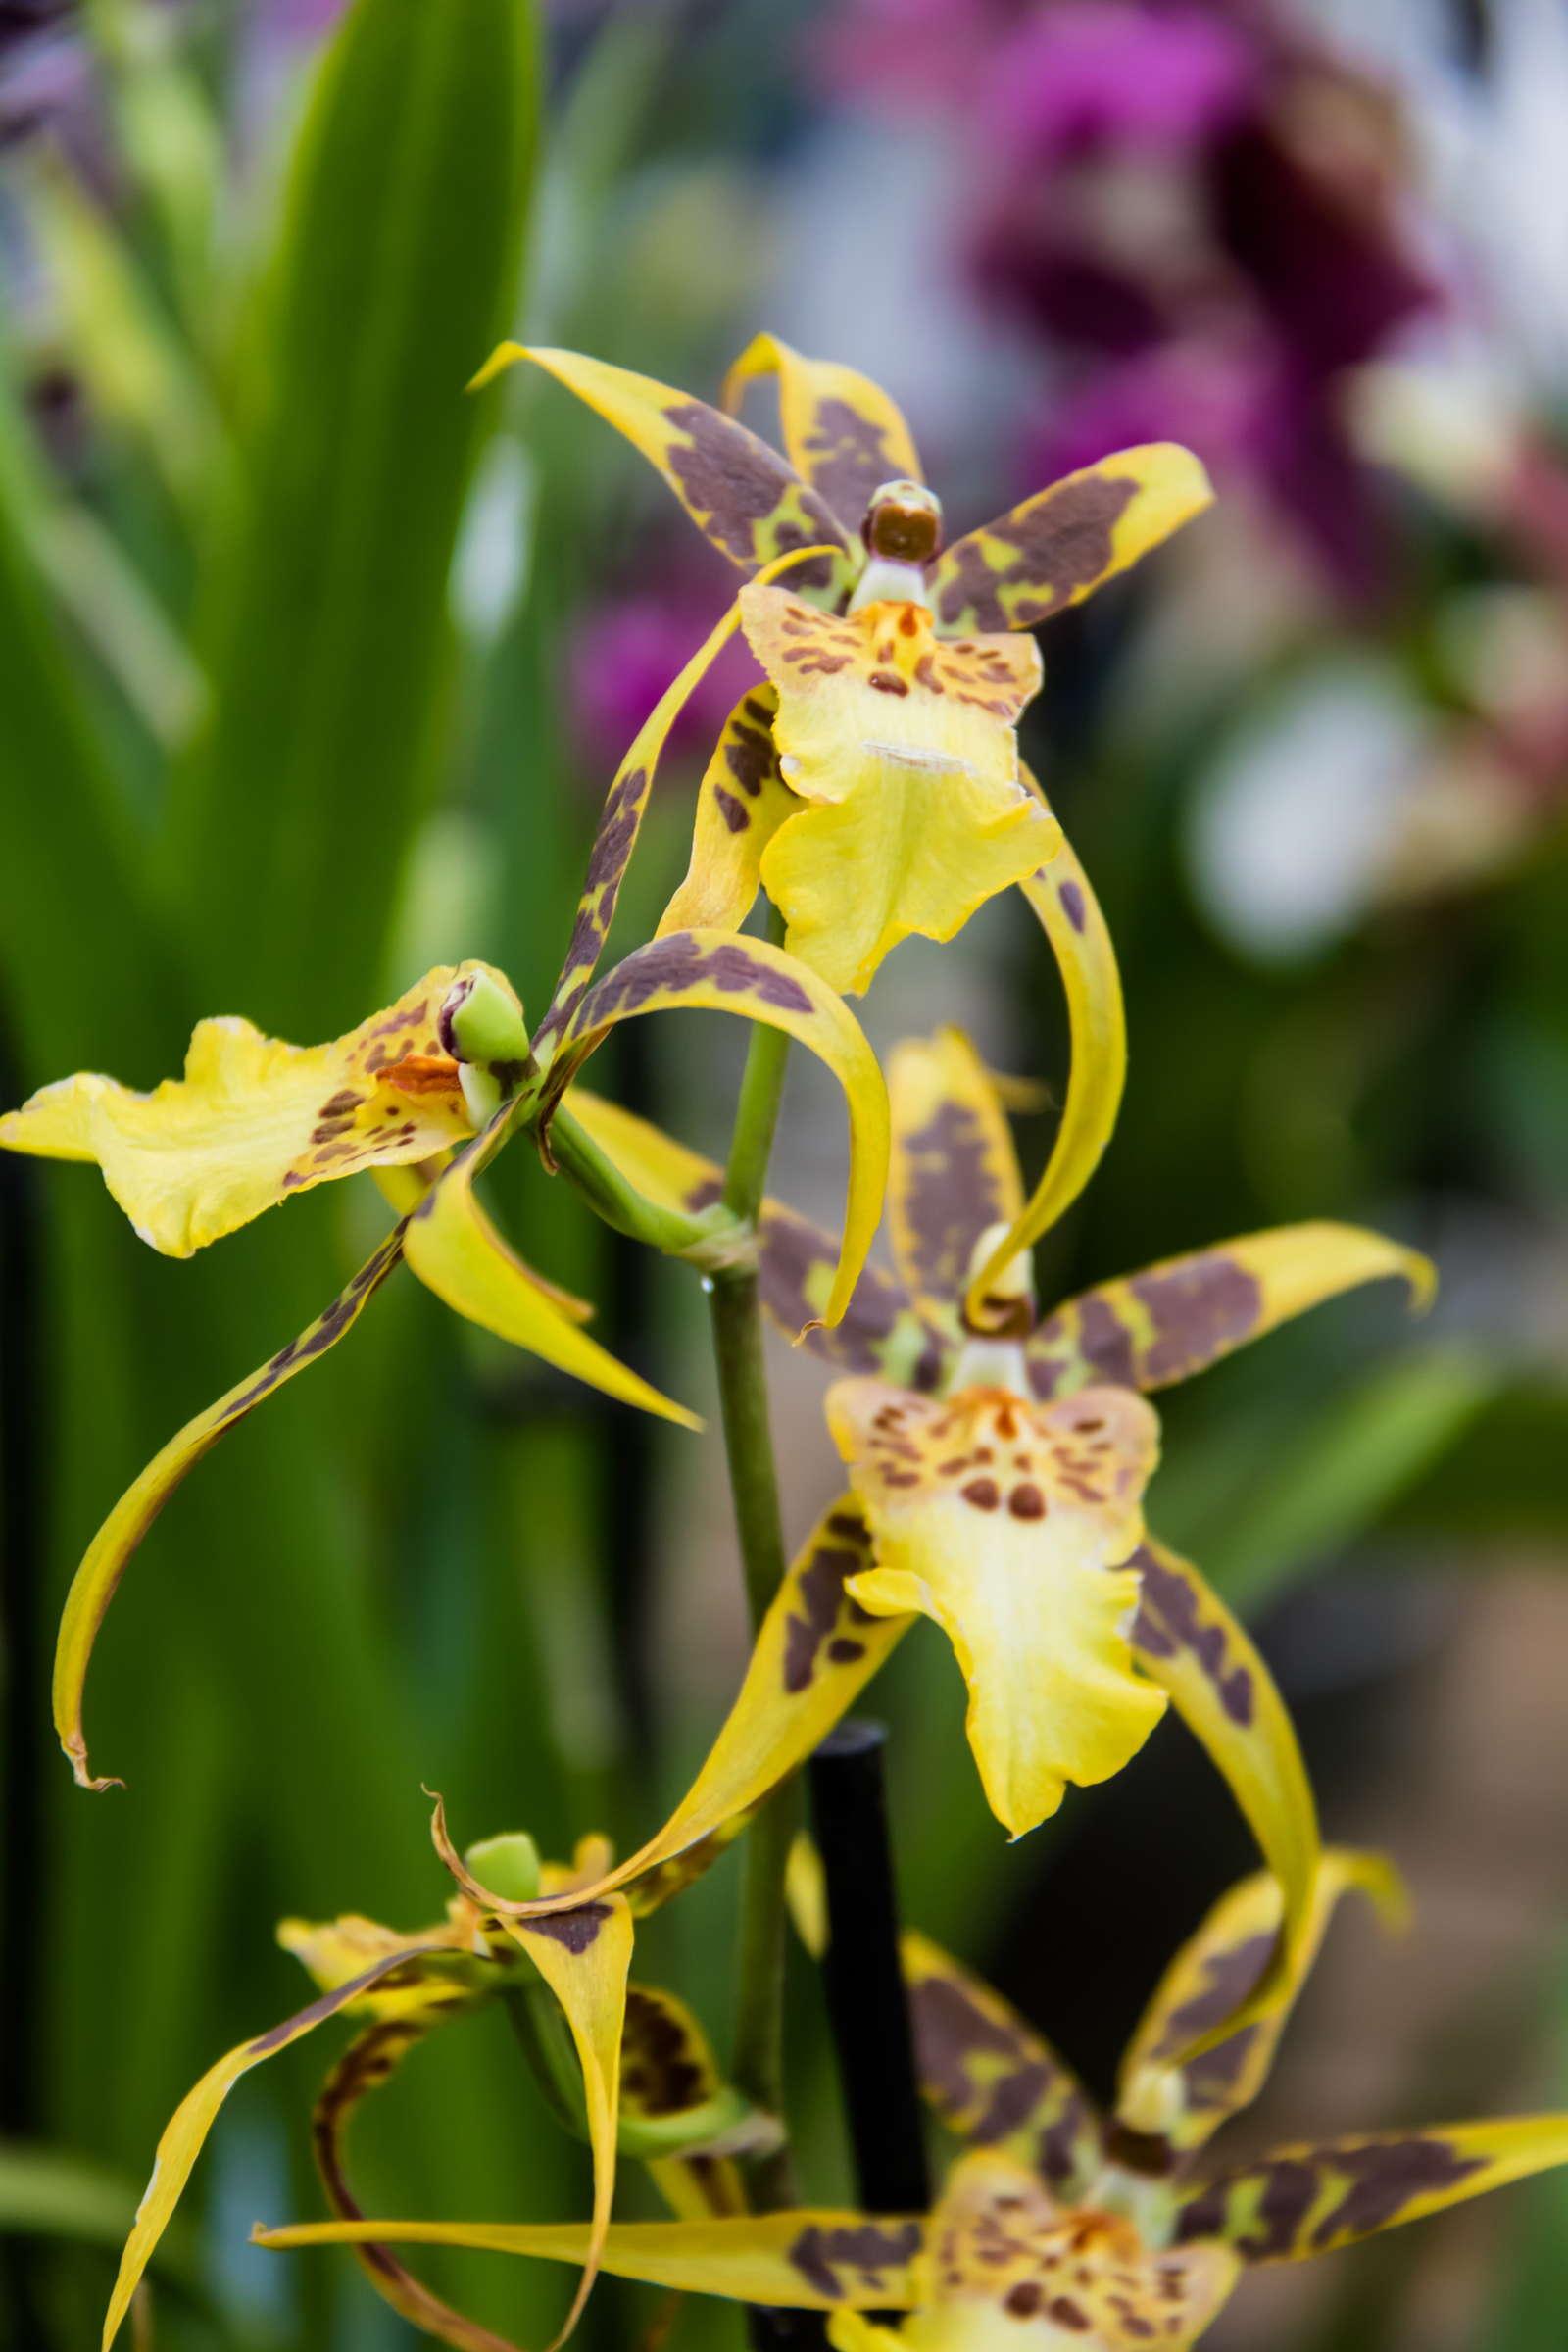 orchideen sorten bilder orchideen vielfalt gartencenter beier gr n erleben orchideen arten. Black Bedroom Furniture Sets. Home Design Ideas